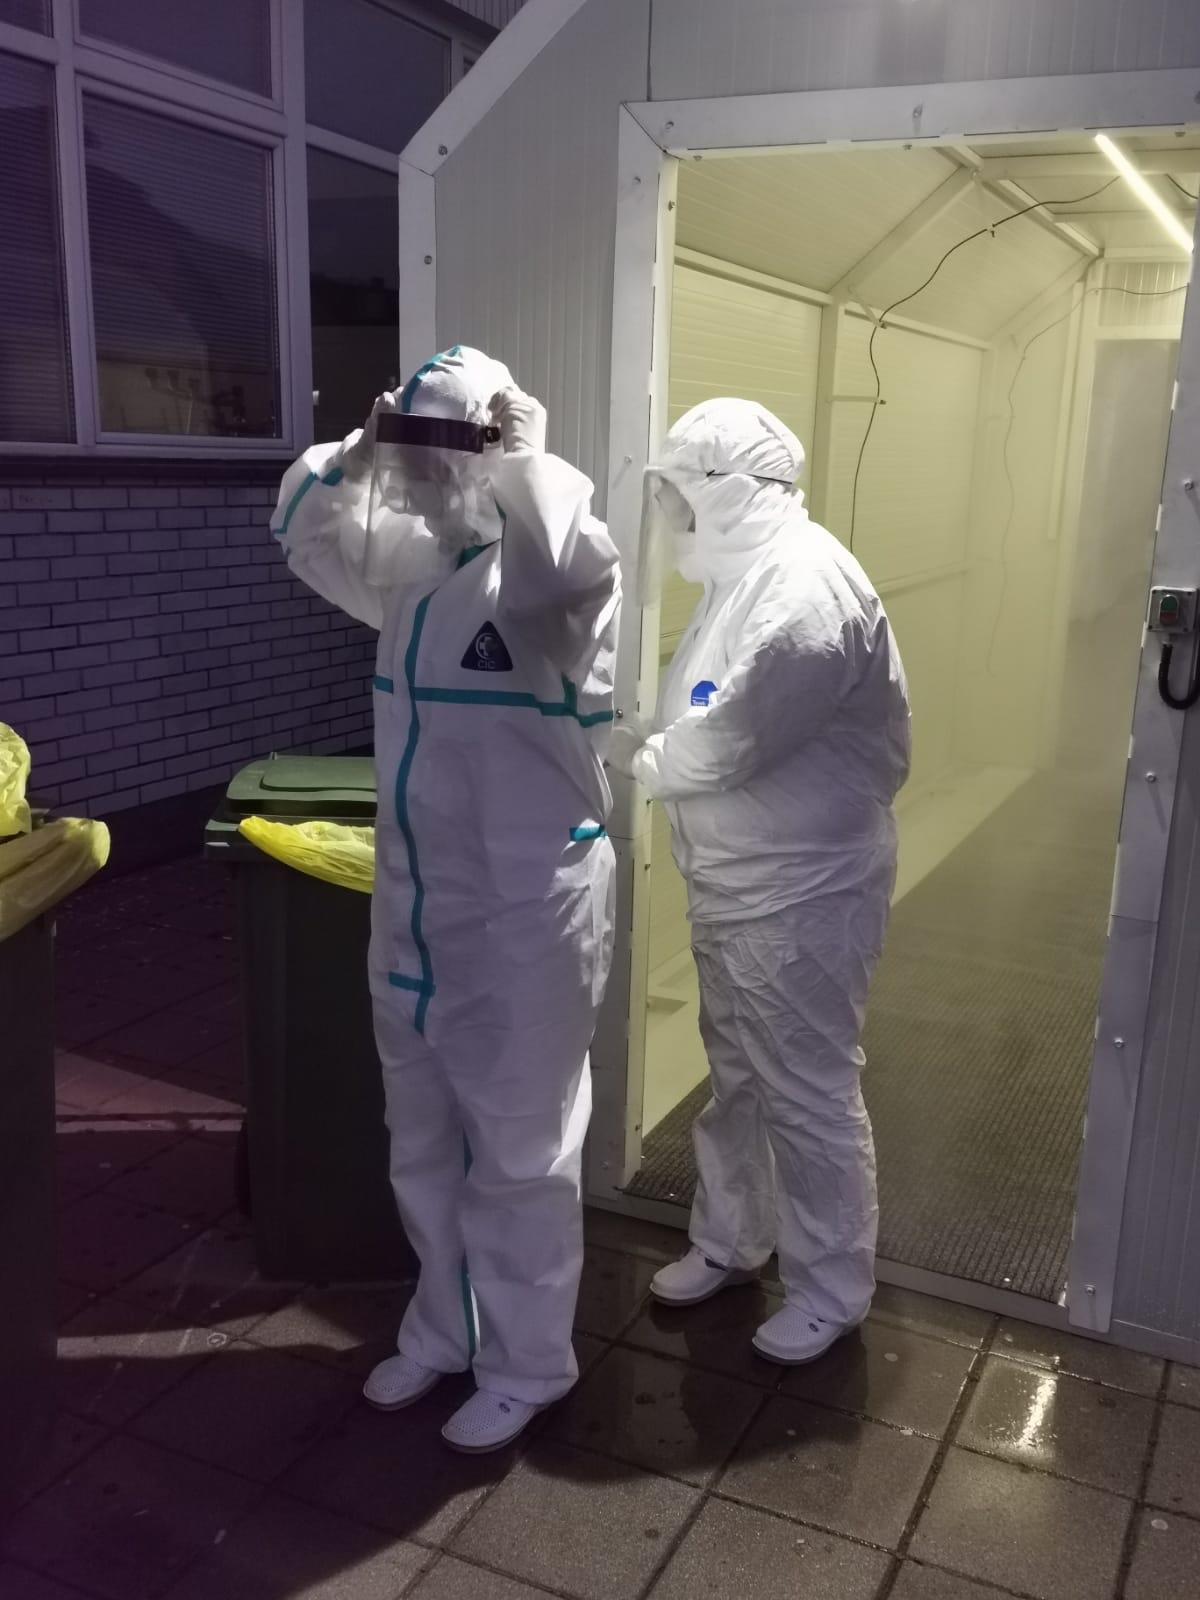 infektolog-iz-novog-pazara:-u-pitanju-je-drugi-talas-infekcije-sa-mnogo-tezom-klinickom-slikom